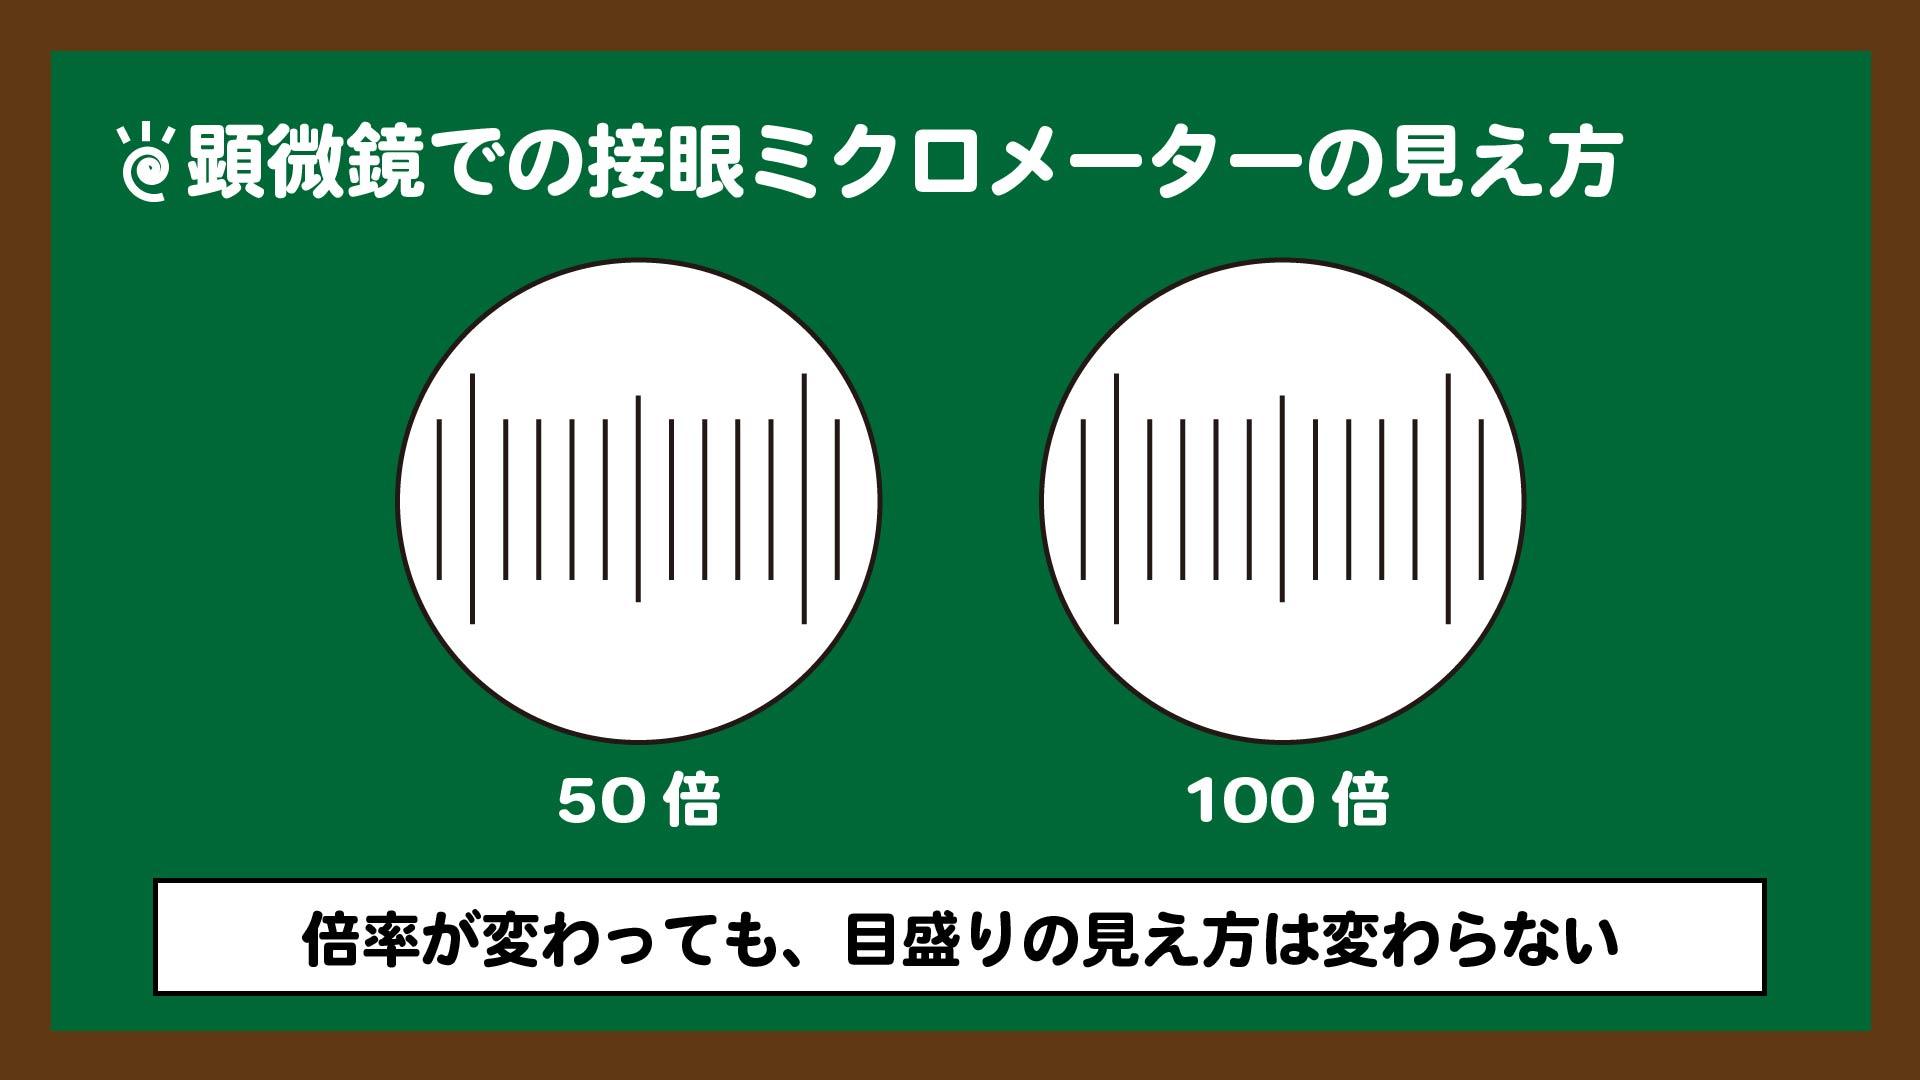 倍率が変わっても接眼ミクロメーターの見え方は変わらない。